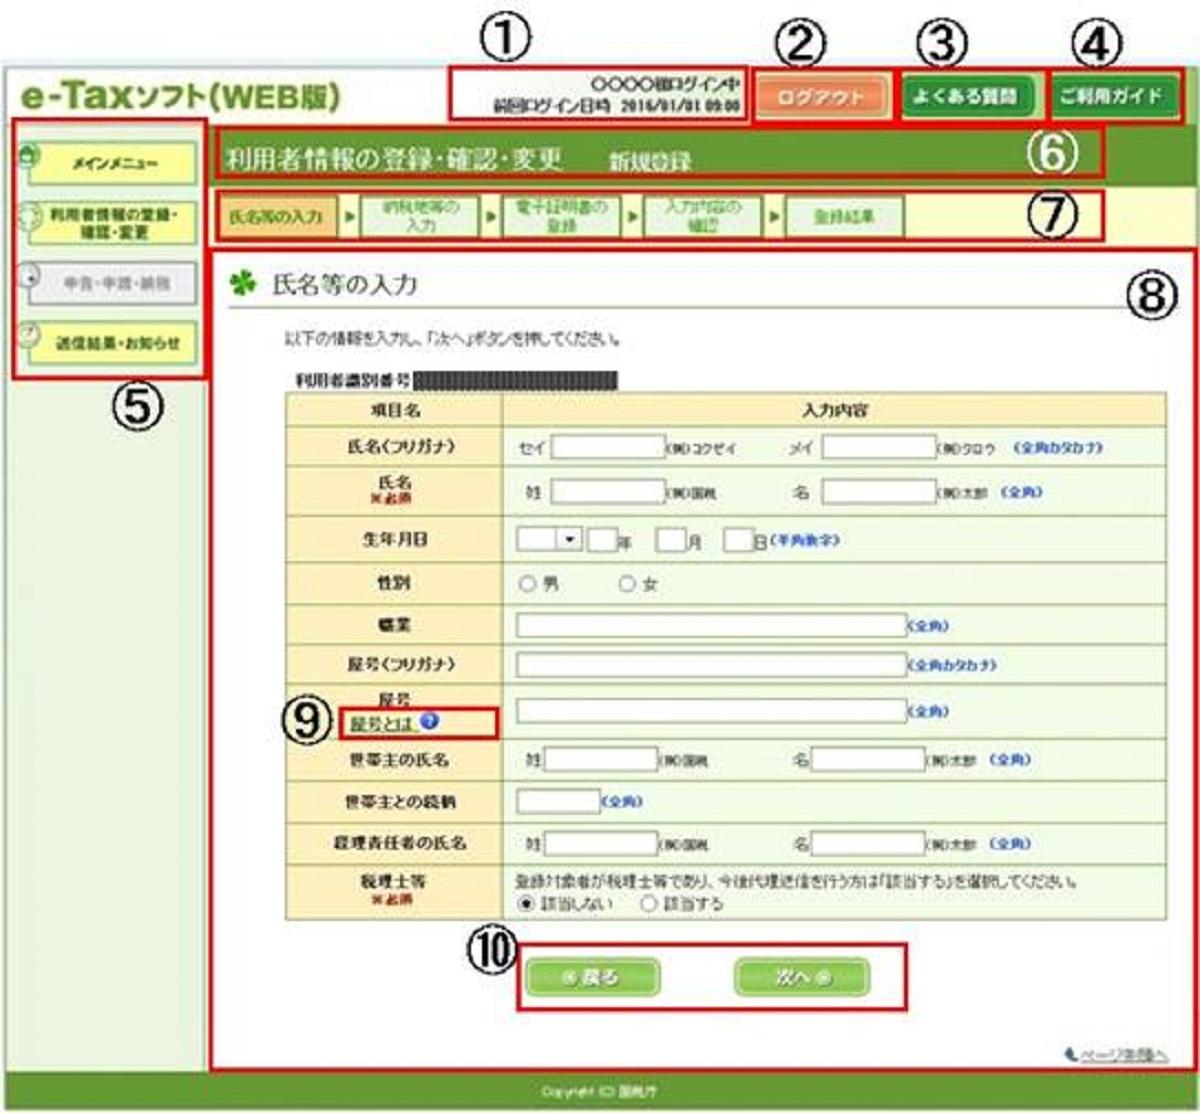 e-tax デメリット